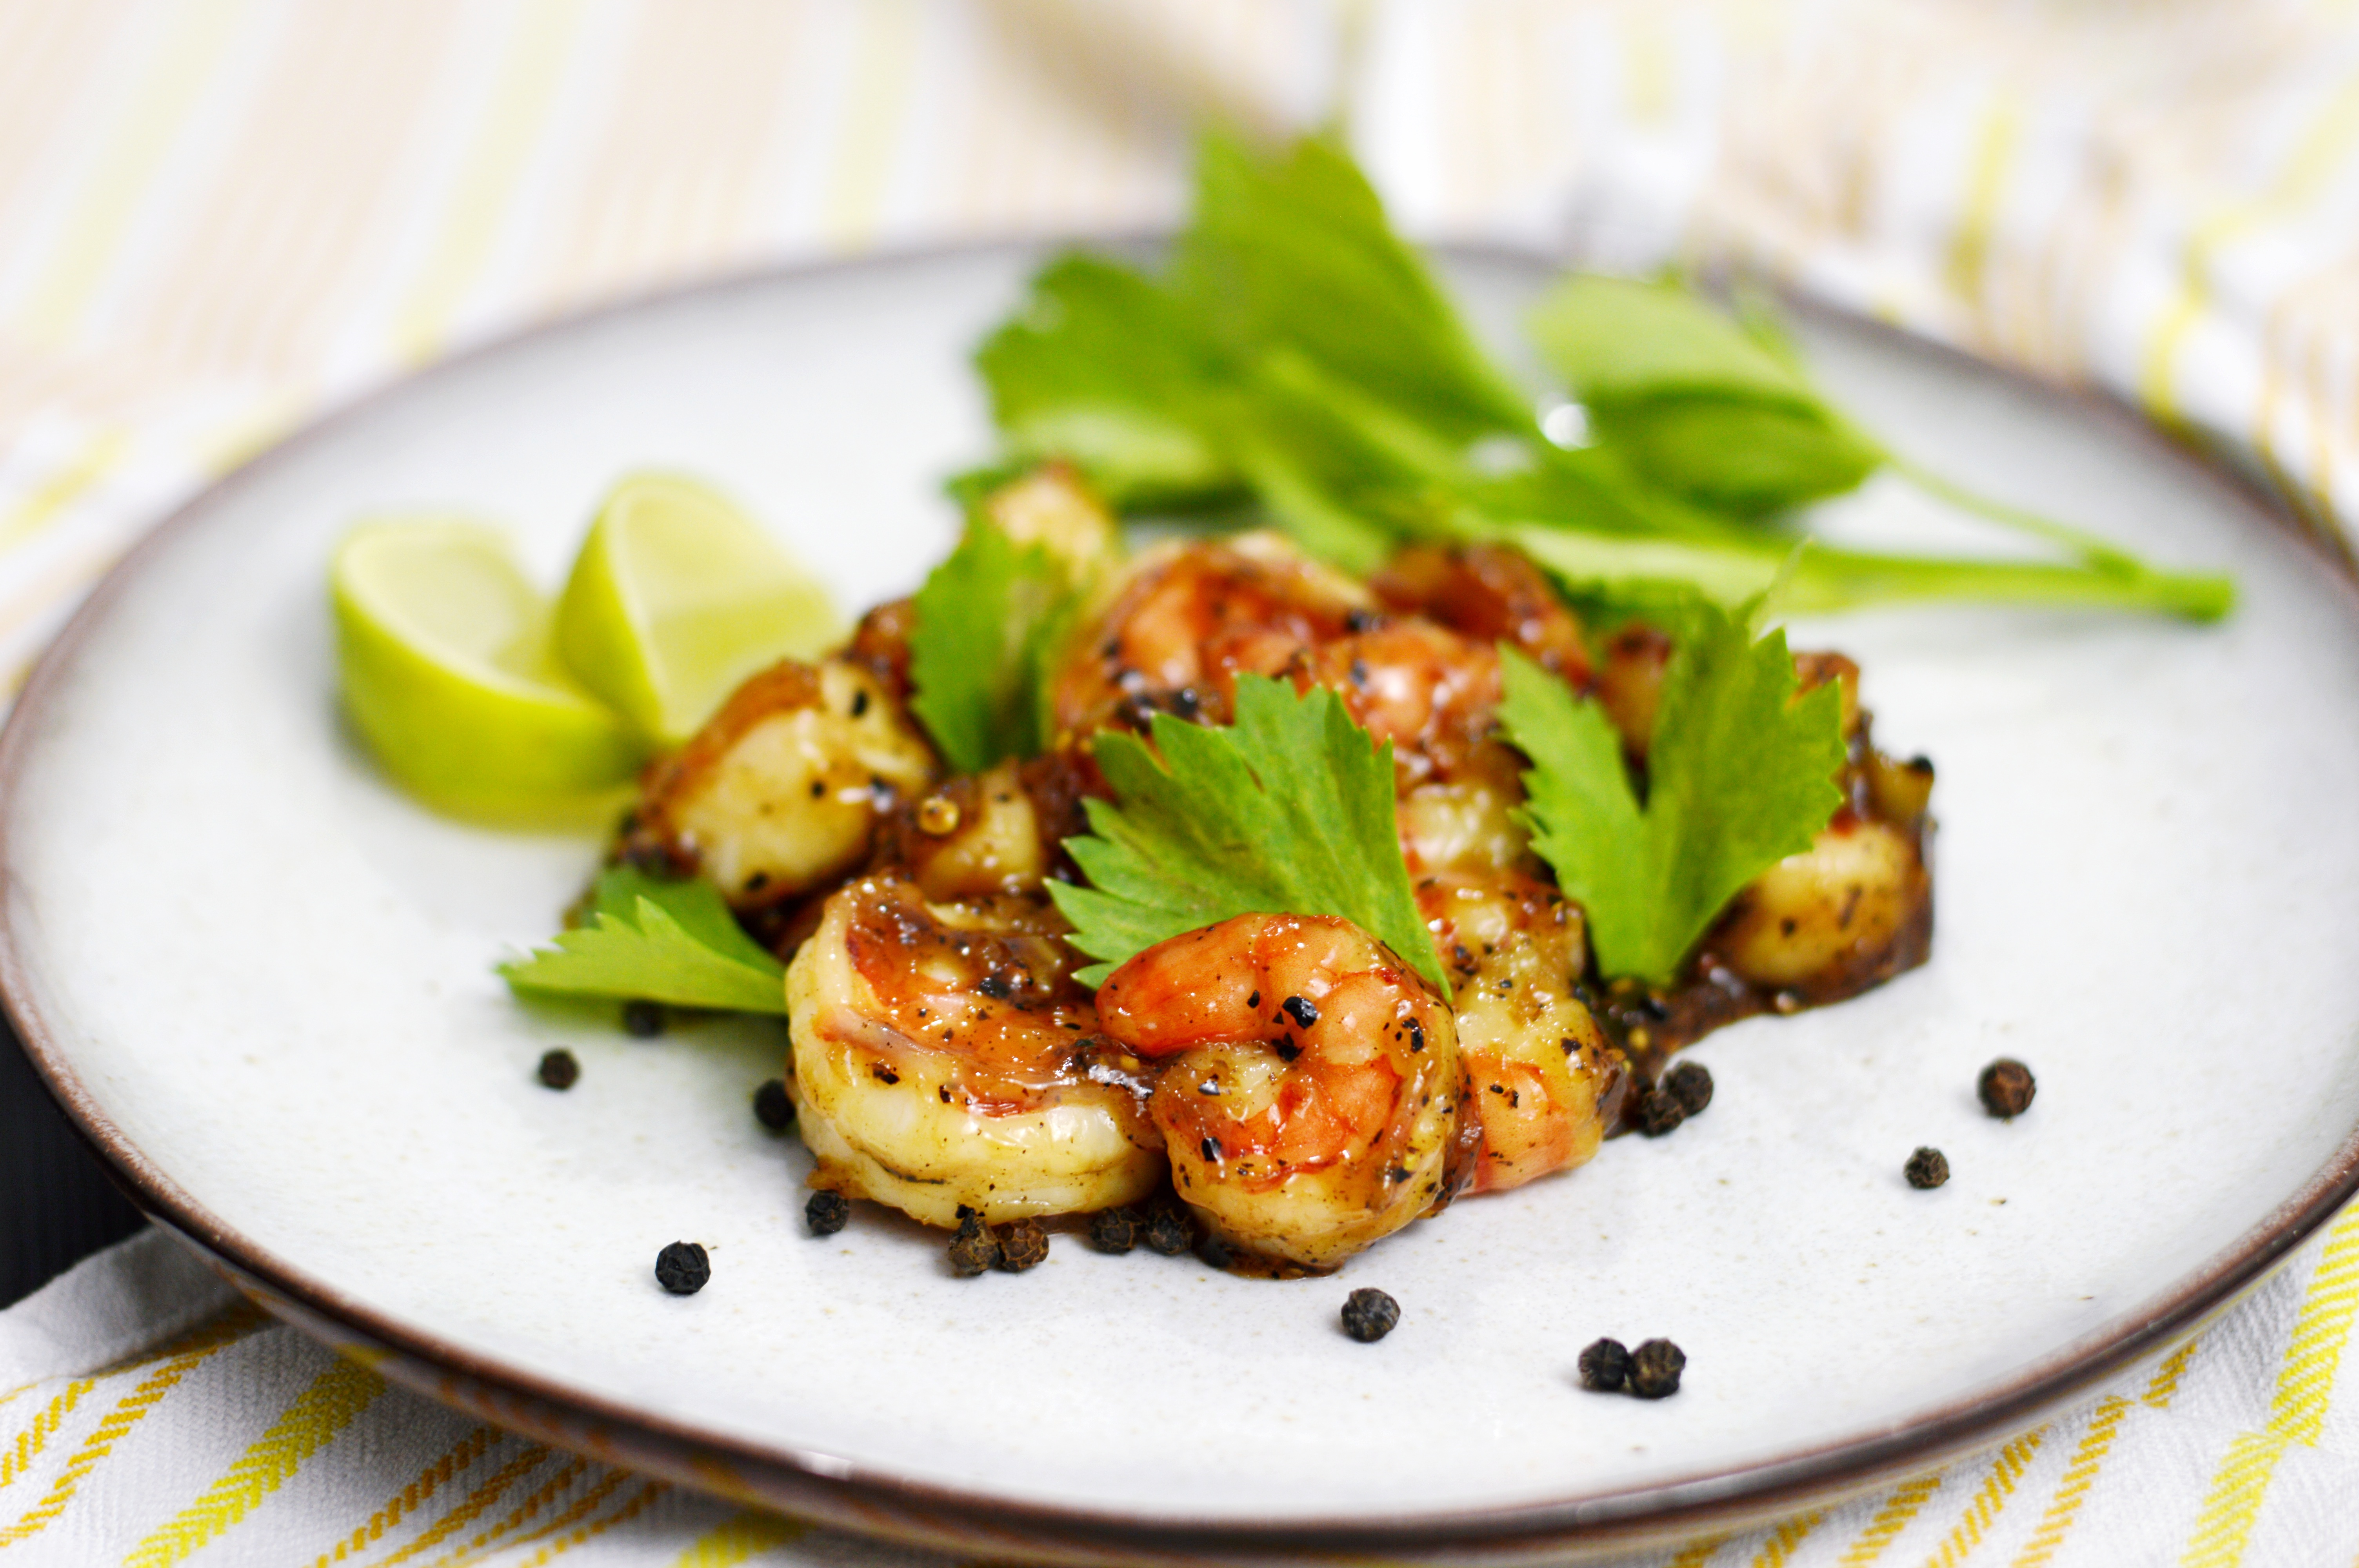 Rezept für karamellisierte Garnelen mit schwarzem Pfeffer | www.dearlicious.com